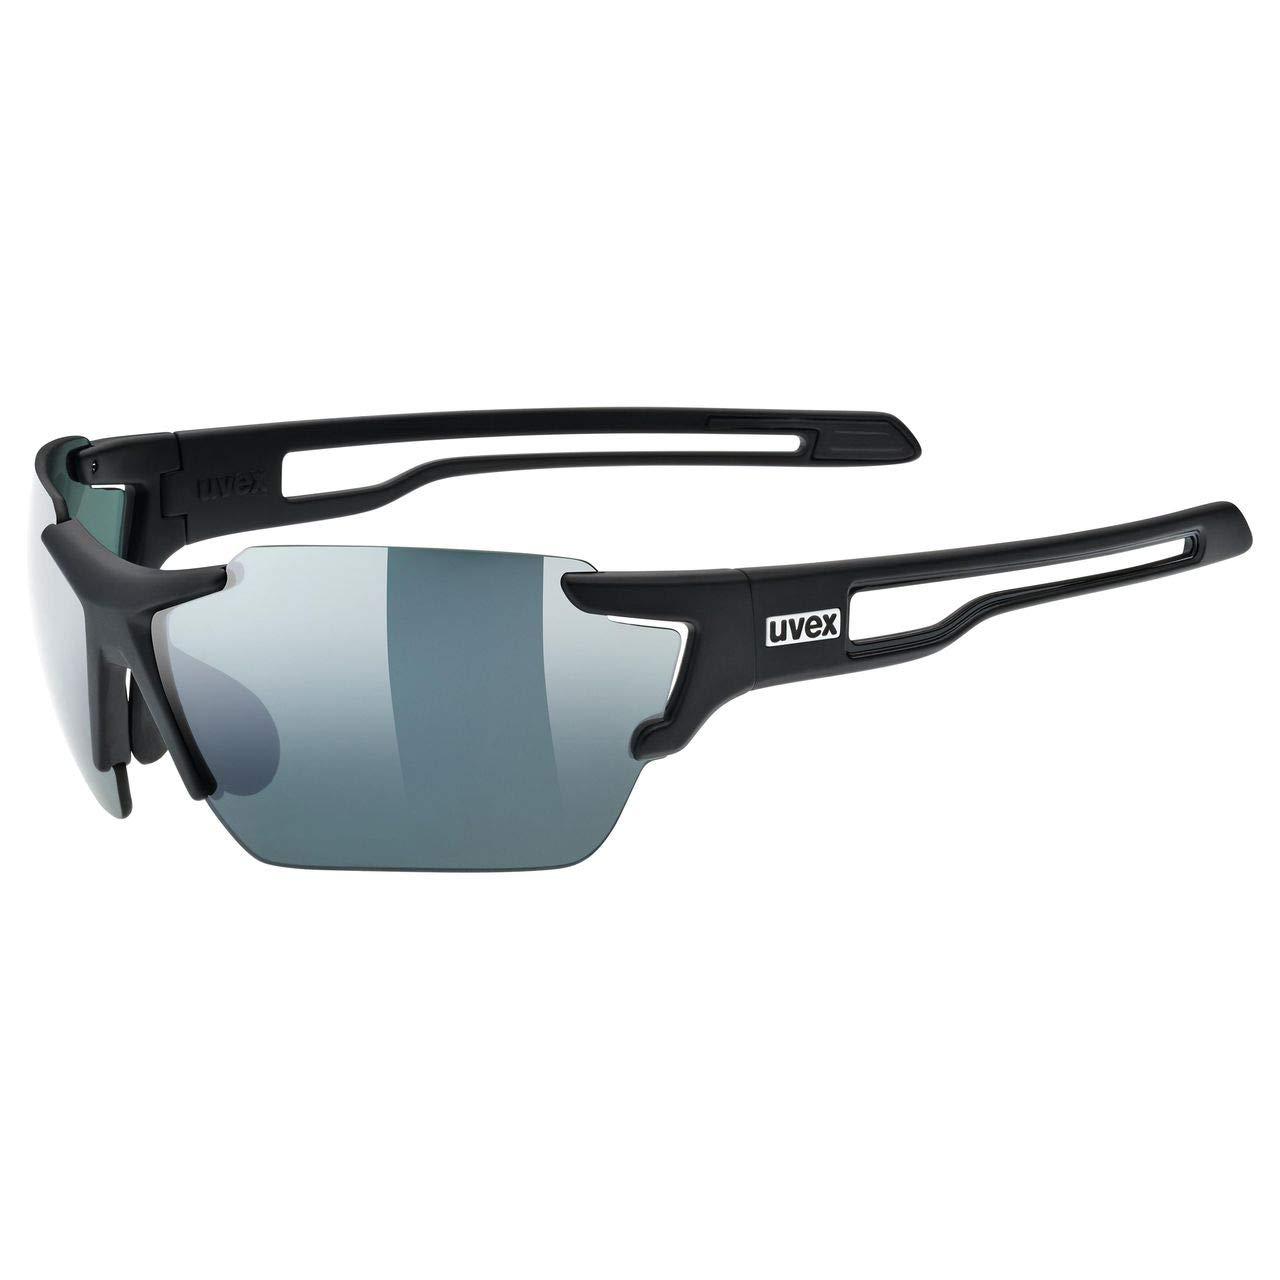 uvex Unisex– Erwachsene, sportstyle 803 CV Sportbrille, black mat/urban, Ein